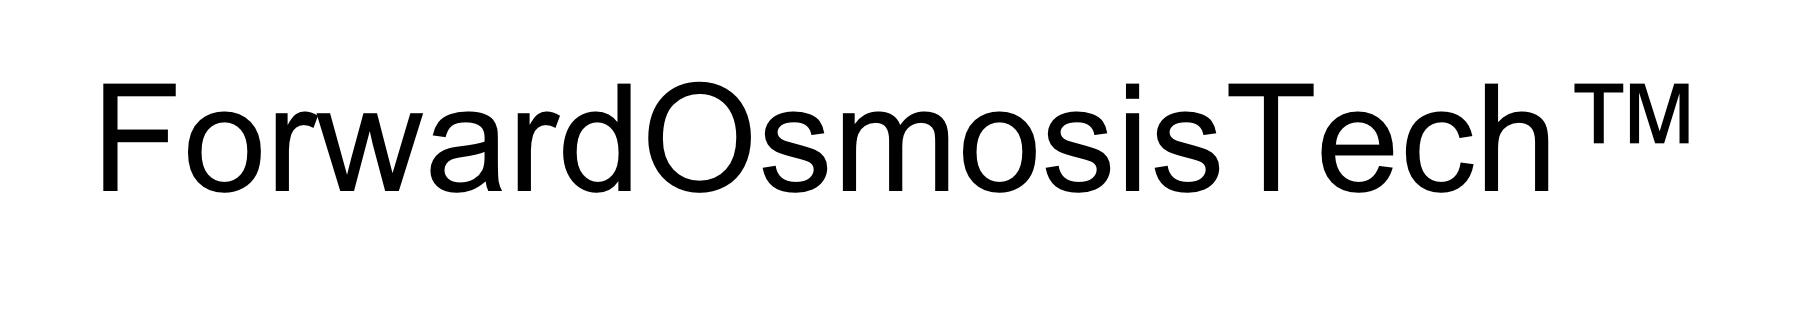 ForwardOsmosisTech